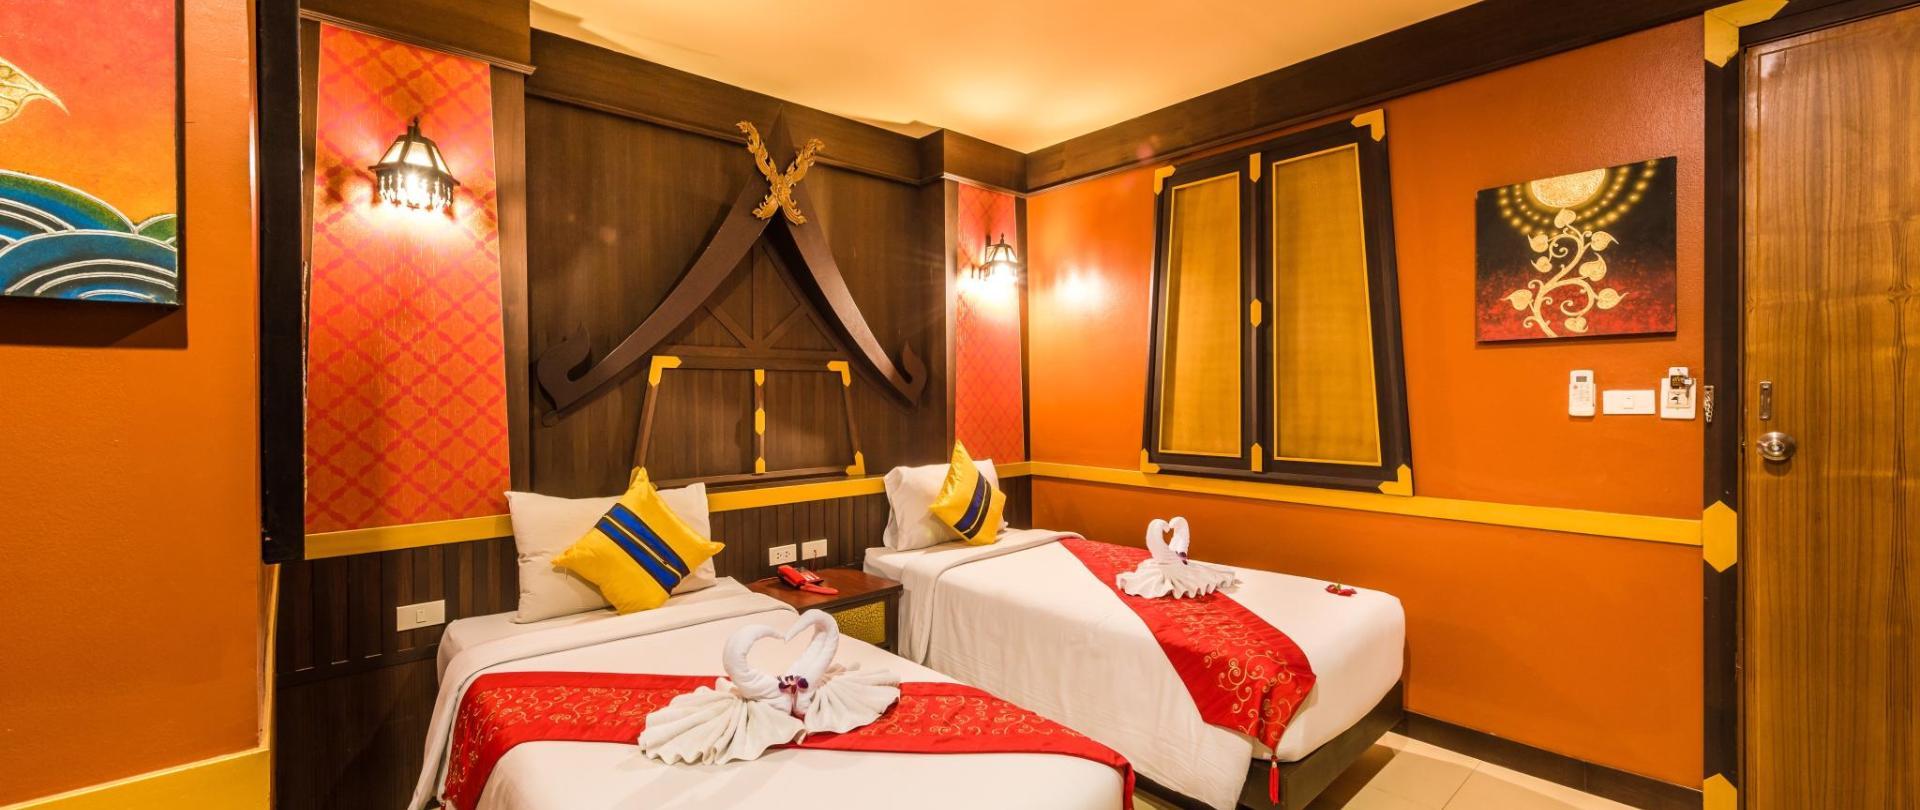 Twin Room with Balcony 4.jpg